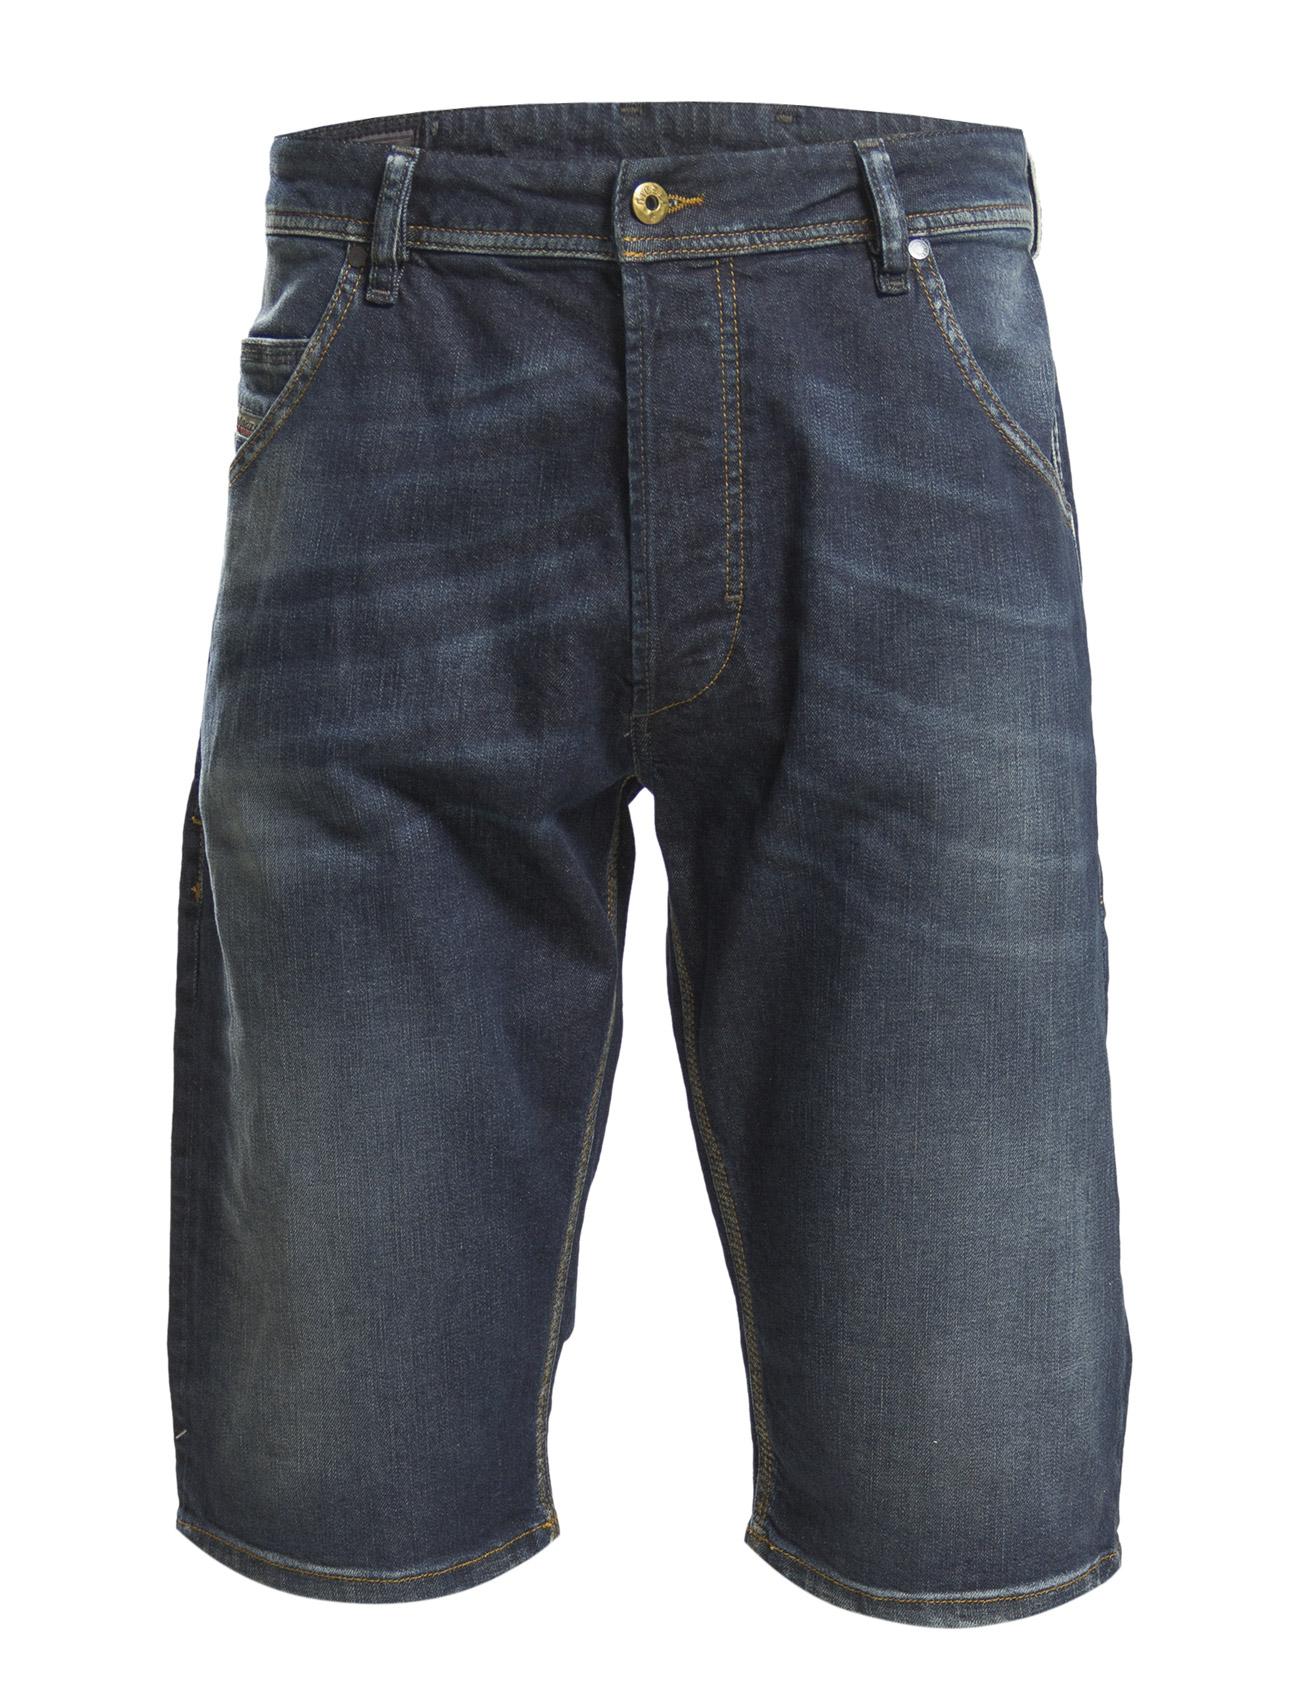 Kroshort Shorts